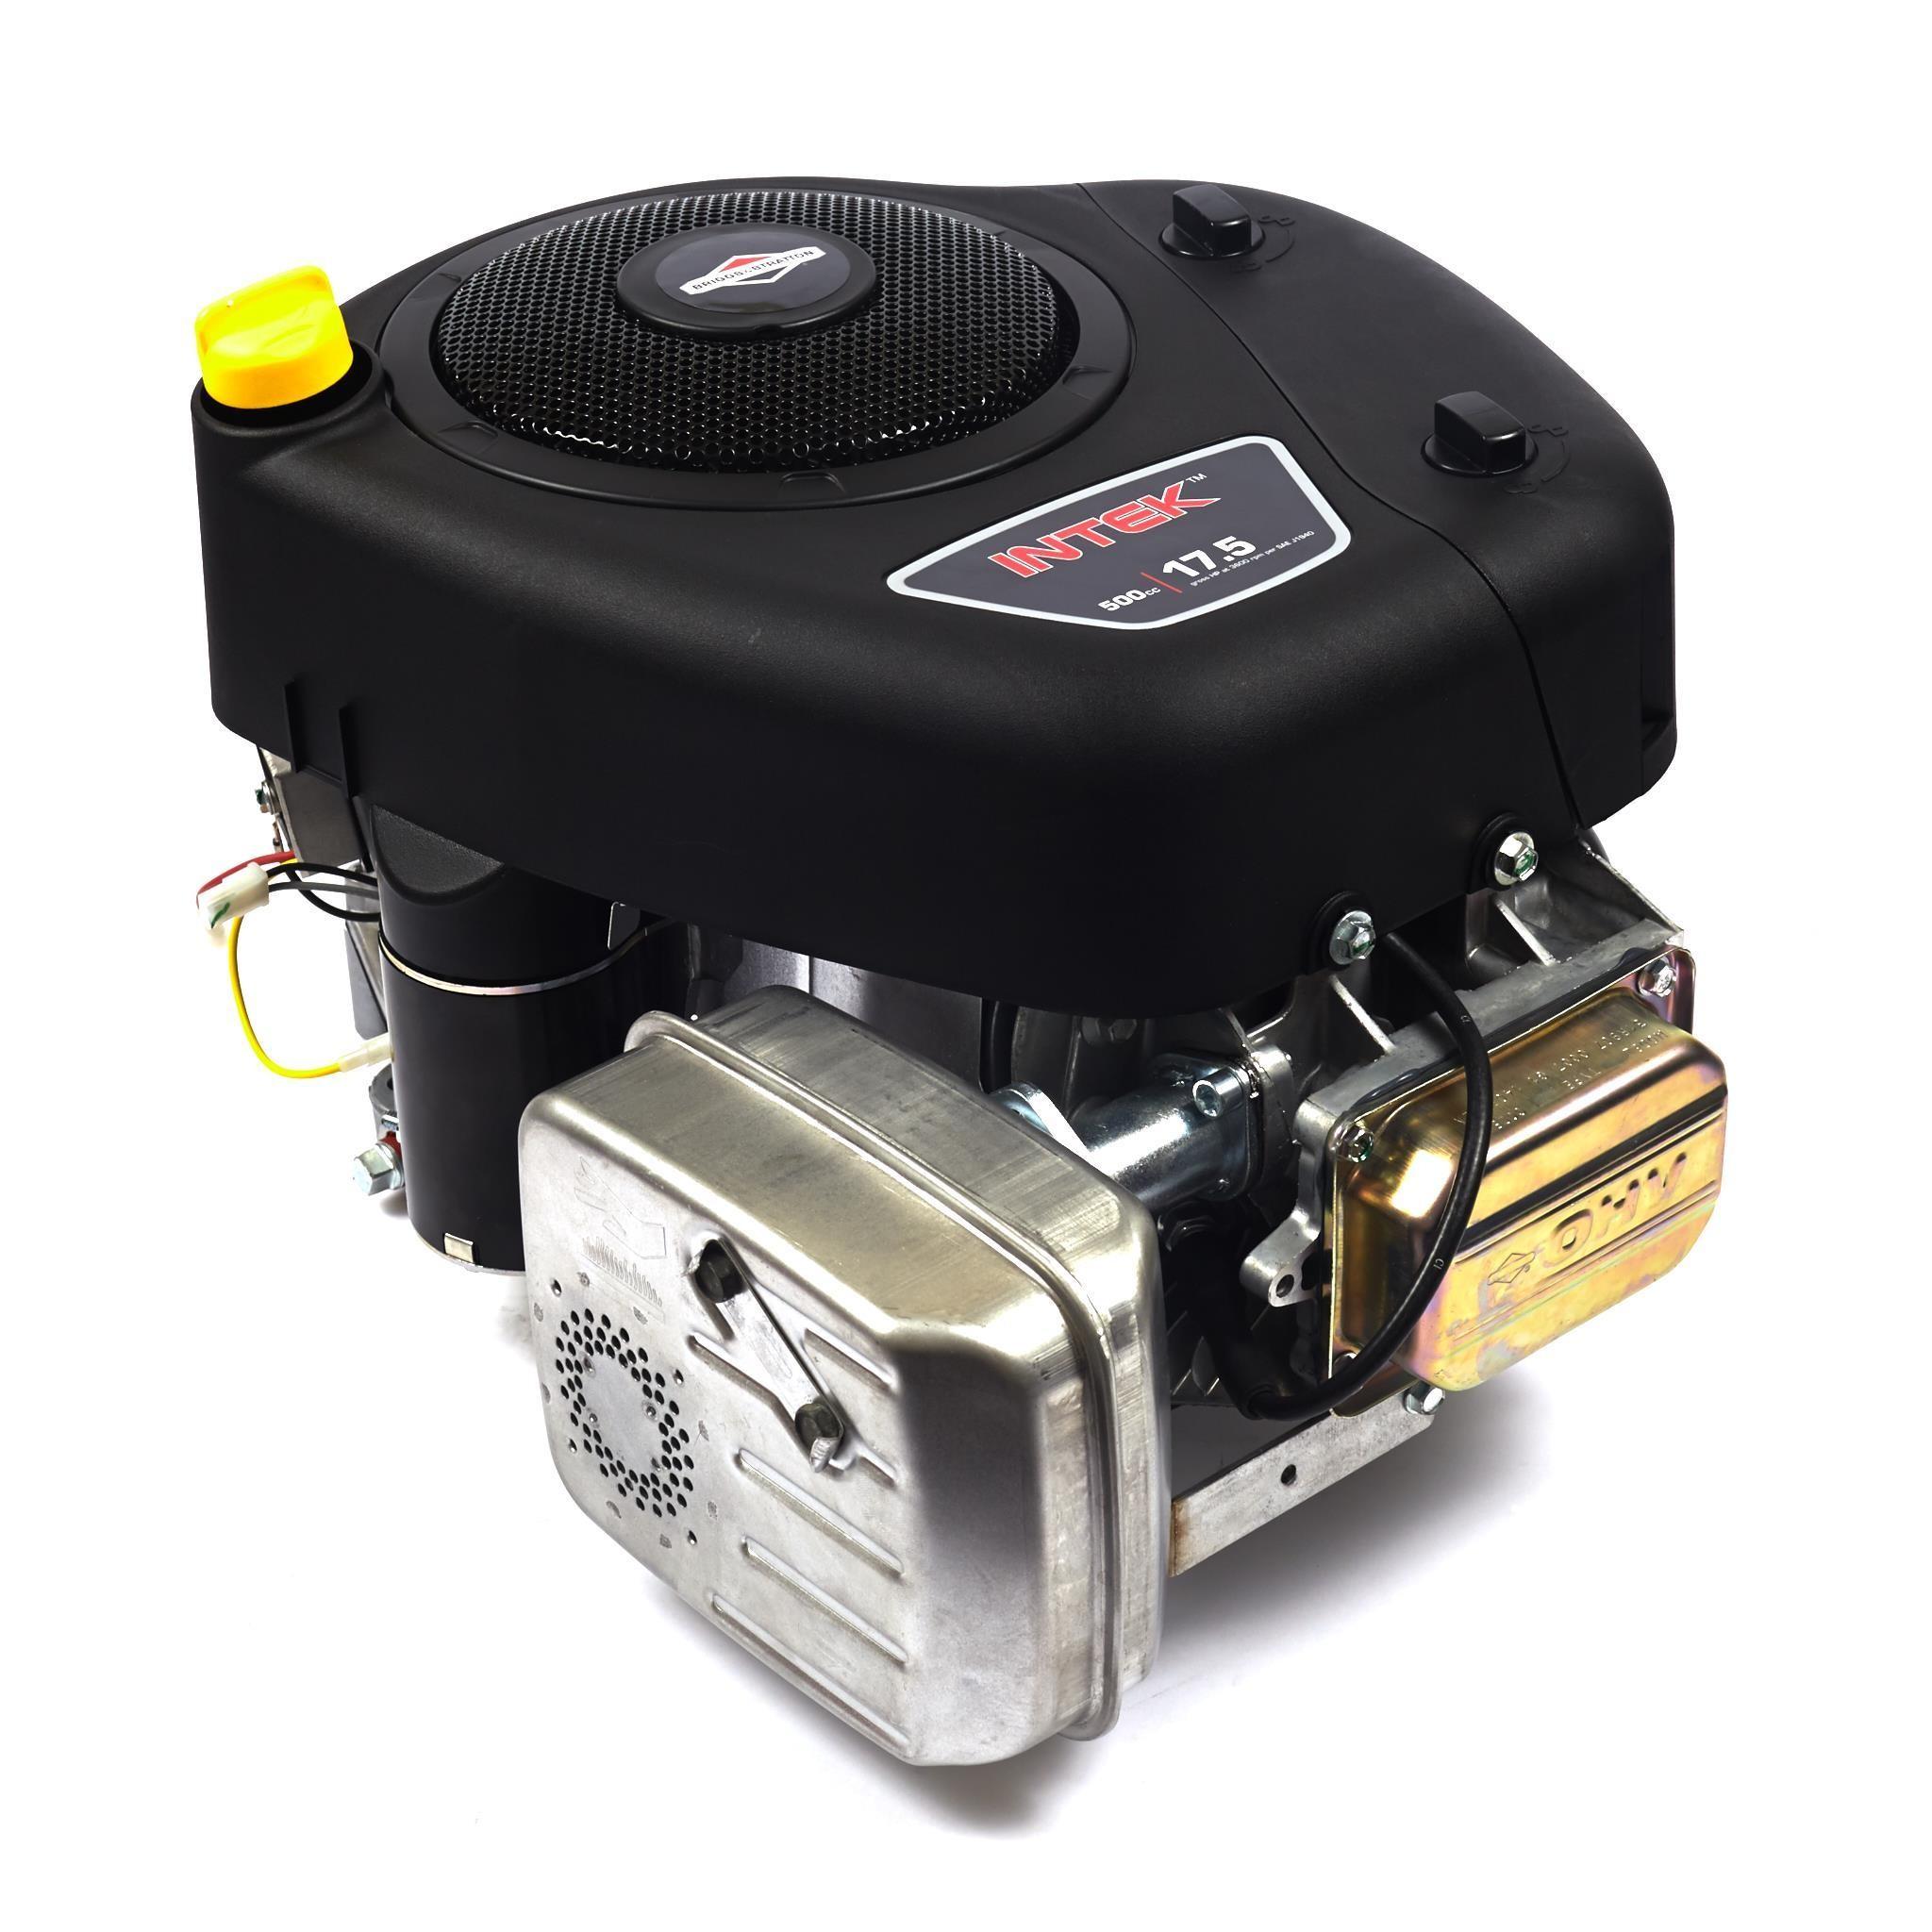 17.5 Briggs Intek Manual 17 5 Ghp Vertical Shaft Engine Of 17.5 Briggs Intek Manual